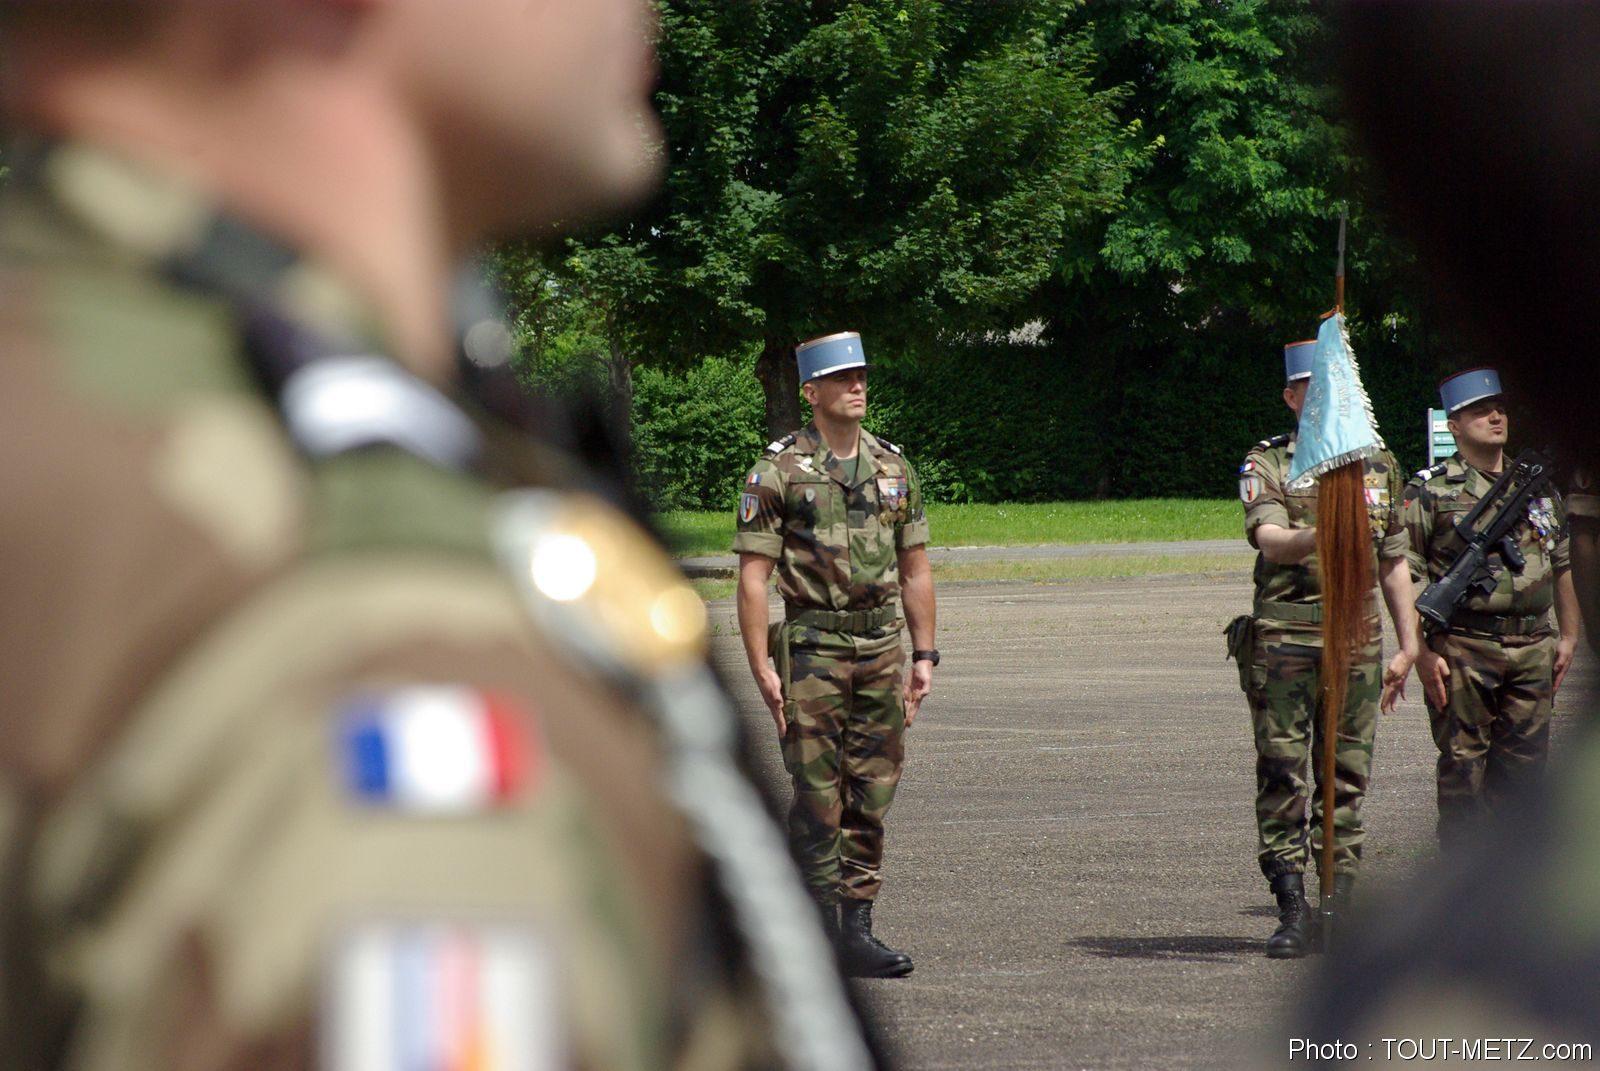 Metz : un 6ème escadron créé pour accueillir 120 nouveaux militaires